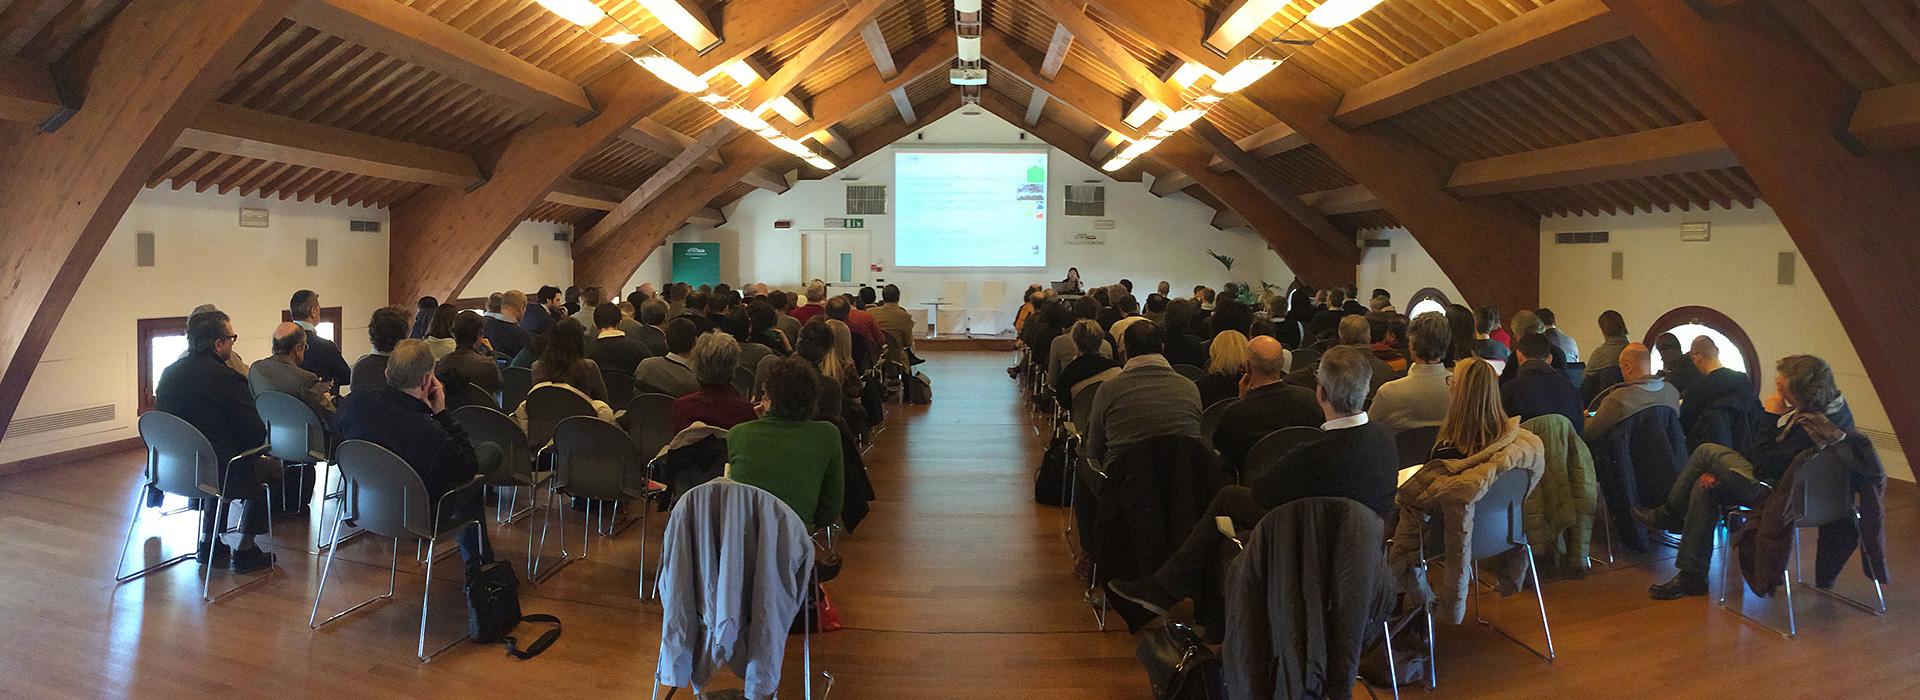 sala congressi a Padova